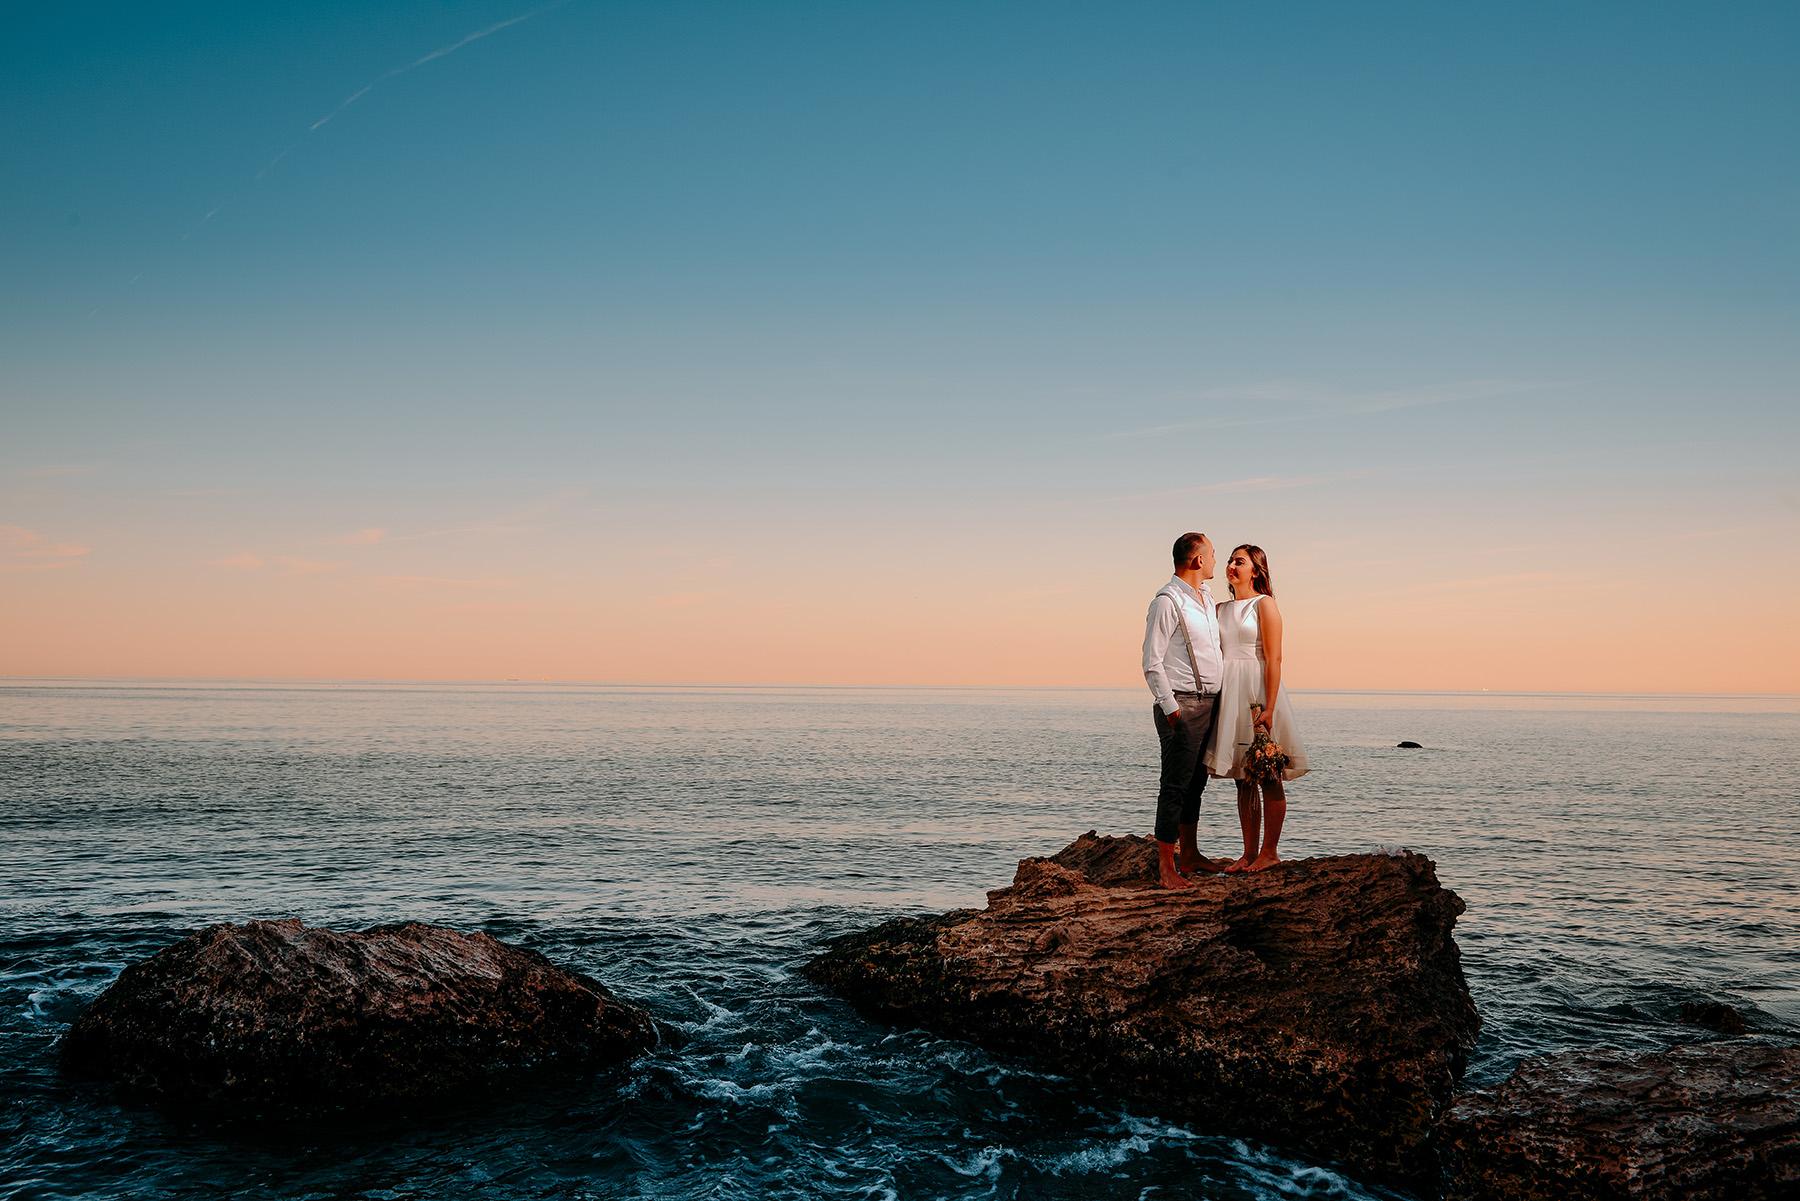 maltepe düğün fotoğrafçısı, maltepe gelin damat fotoğrafçısı, maltepe nişan fotoğrafçısı, maltepe dış mekan foto çekimi, maltepe fotoğrafçı